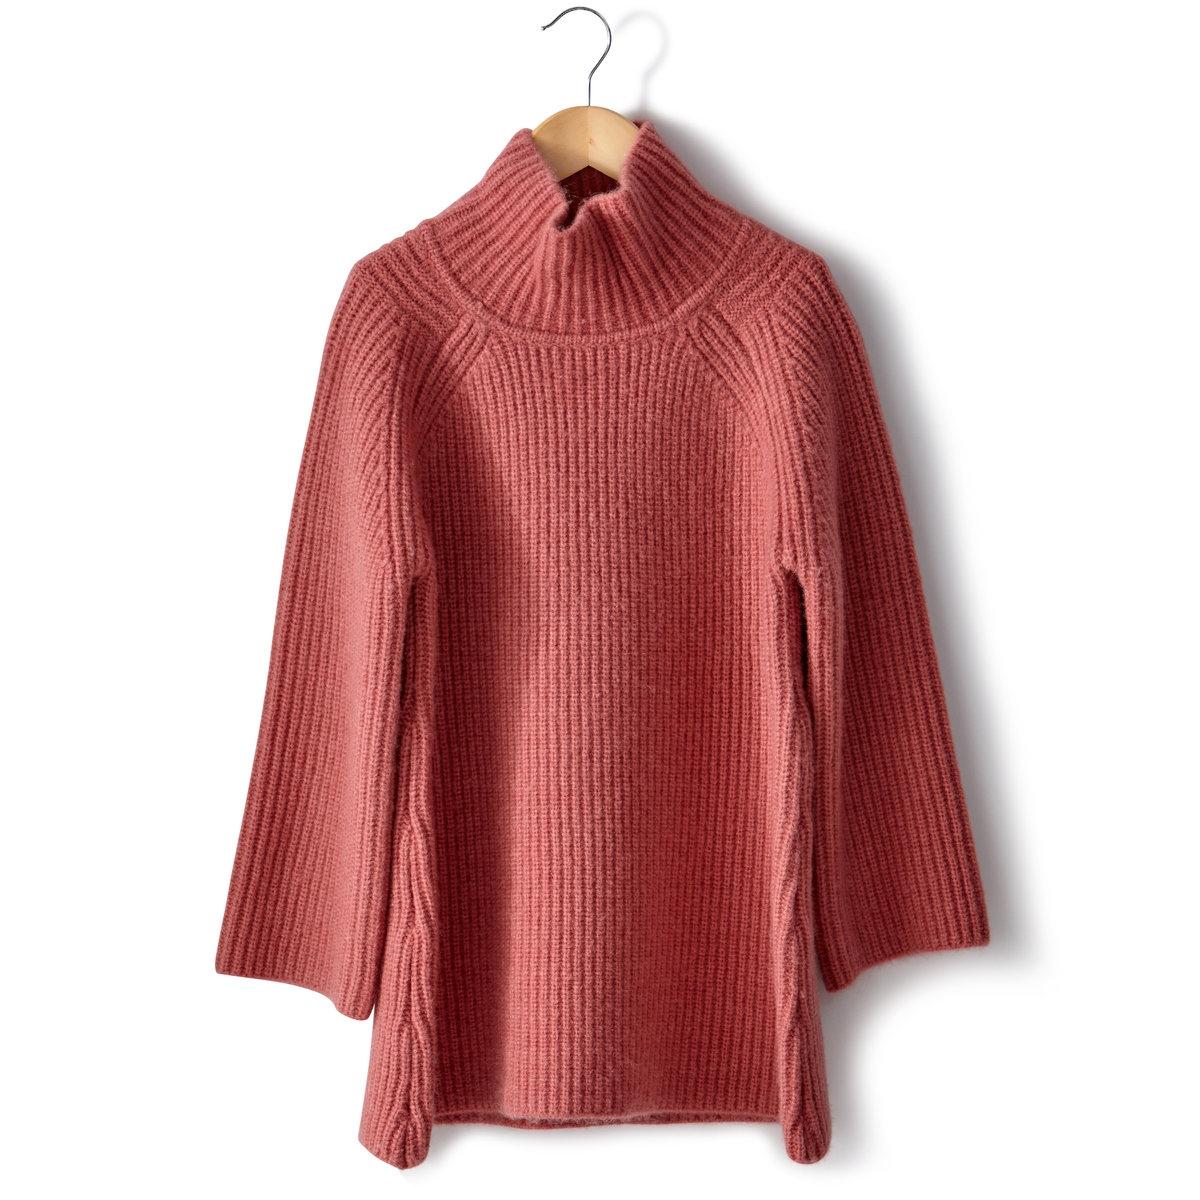 Пуловер с высоким воротникомПуловер из трикотажа, 54% полиэстера, 41% акрила, 5% шерсти. Высокий воротник. Рукава 3/4. Длина 63 см.<br><br>Цвет: розовый